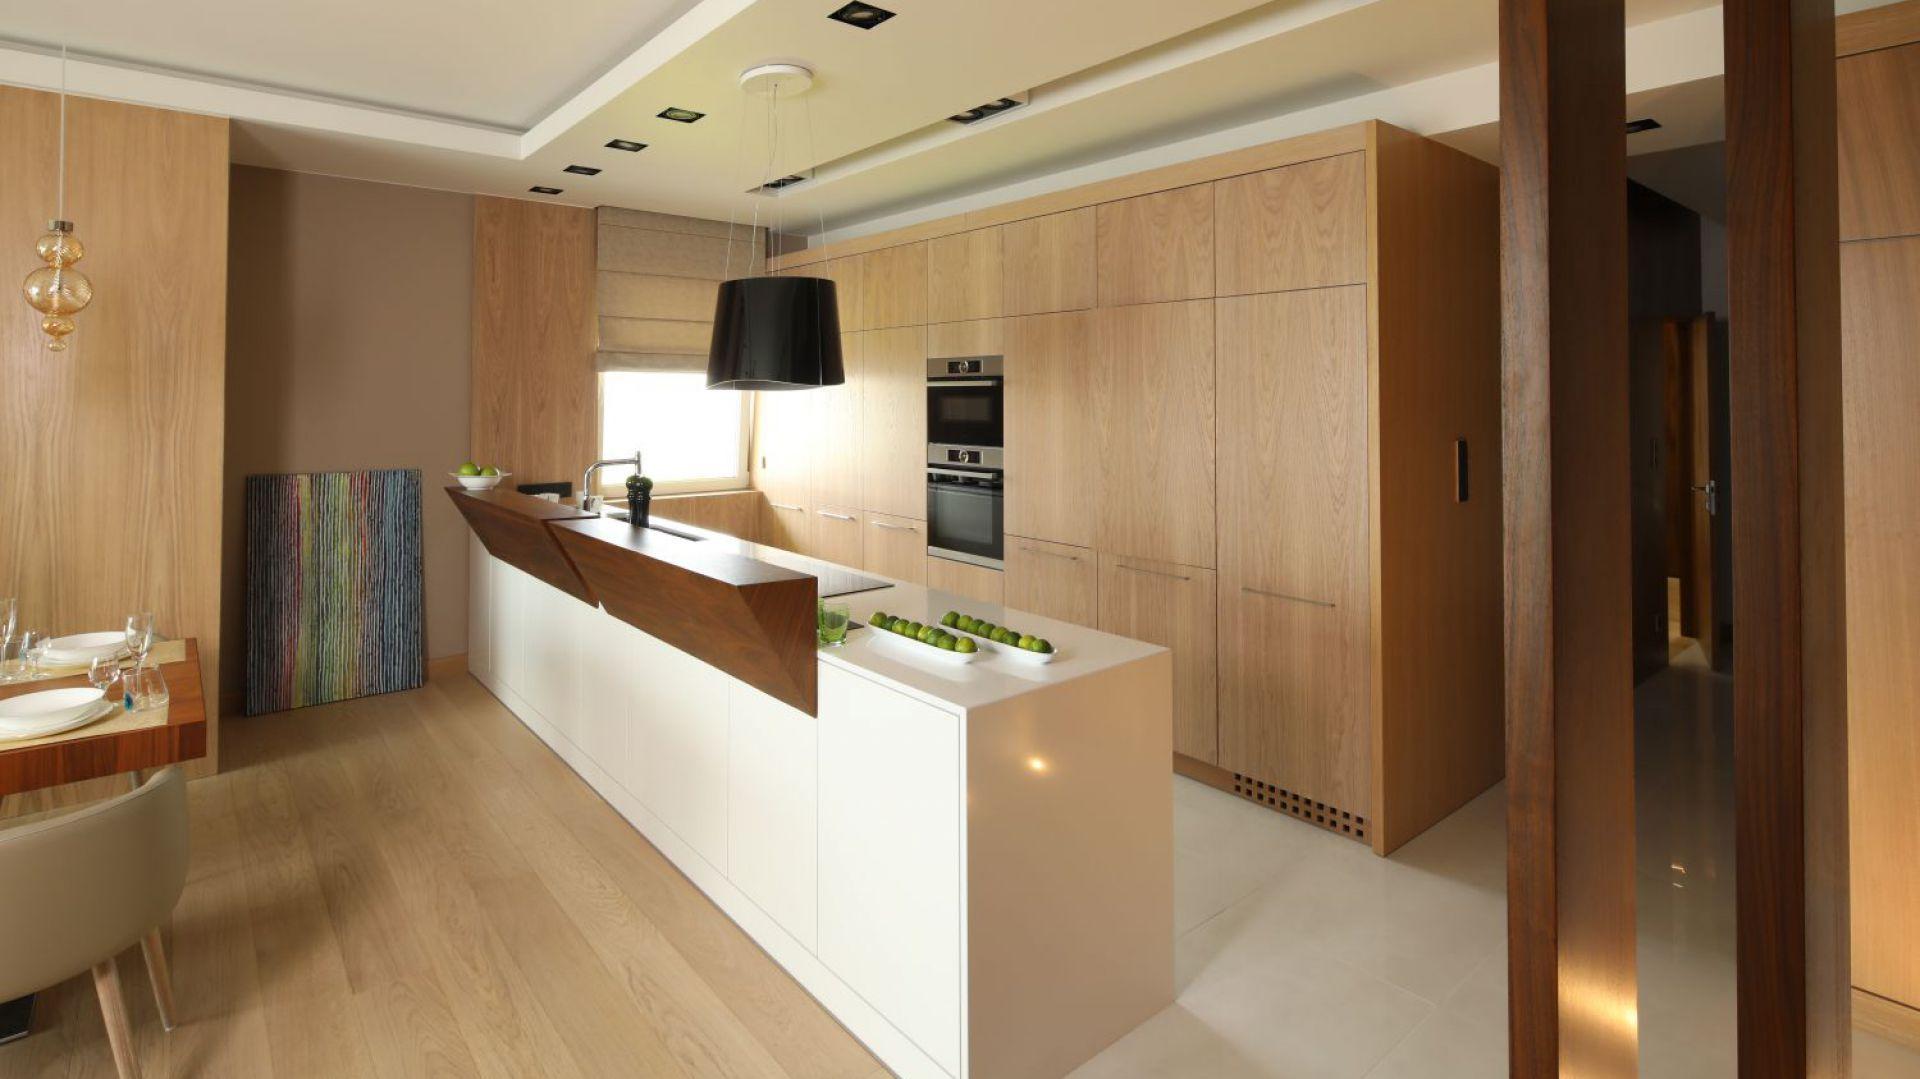 Nowoczesne Mieszkanie Przytulne Wnetrze W Bezach I Brazach Home Decor Home Room Divider